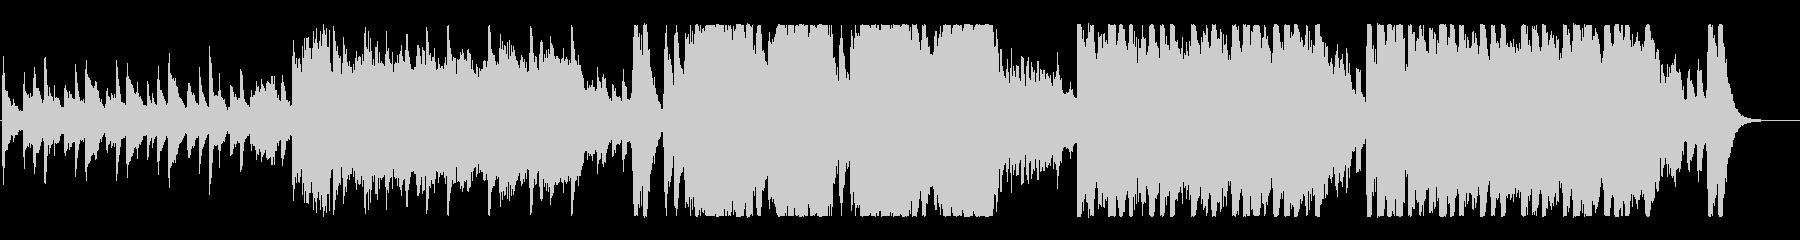 妖しくコミカル、ハロウィンオーケストラの未再生の波形